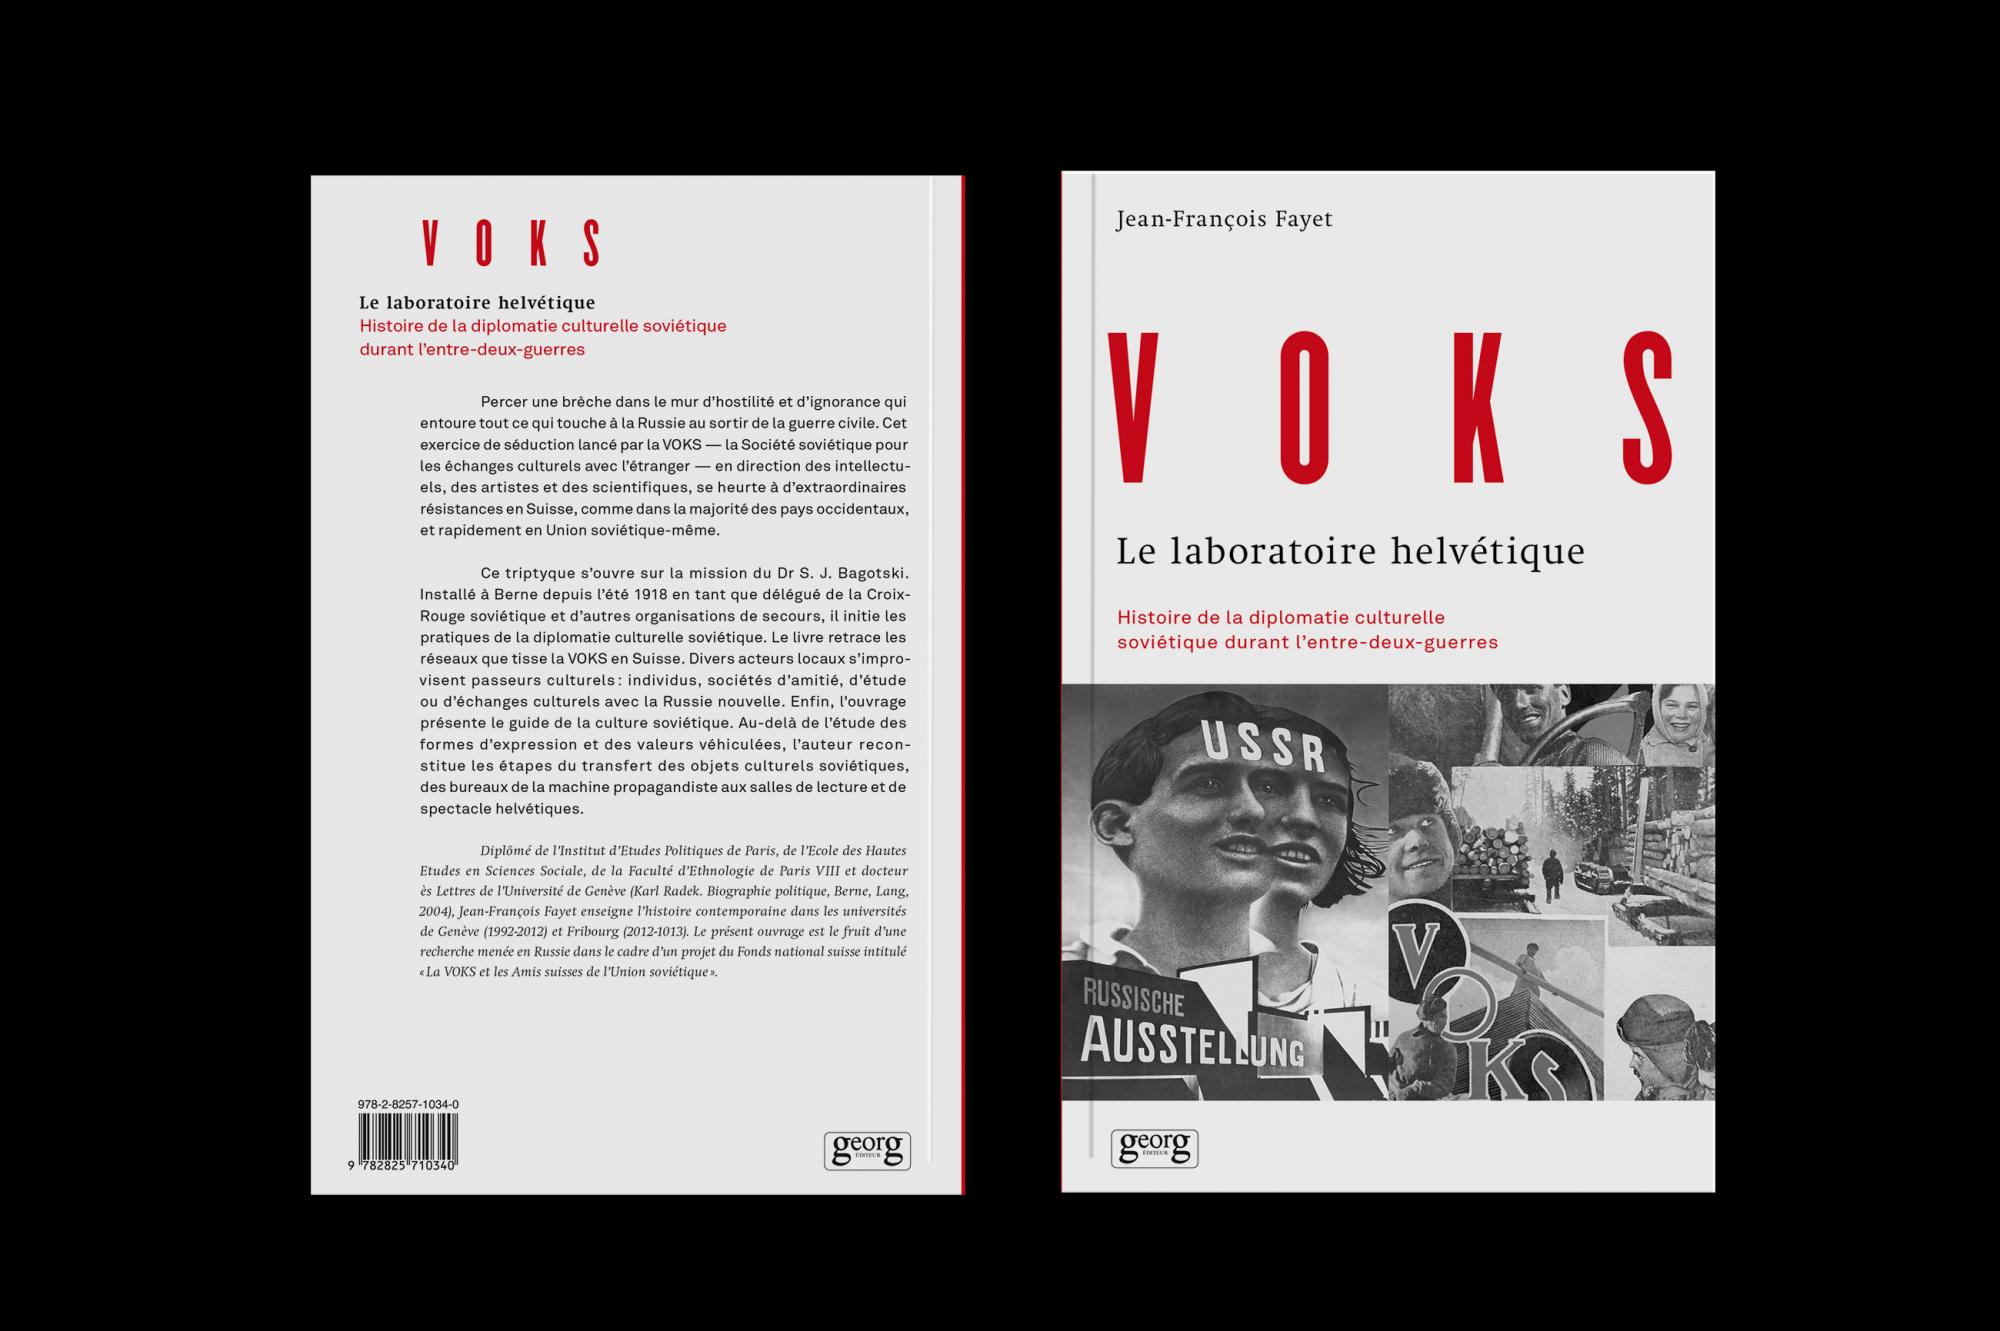 Graphisme Geneve graphic design graphique direction artistique layout mise en page édition   voks couverture cover book livre  éditions georg